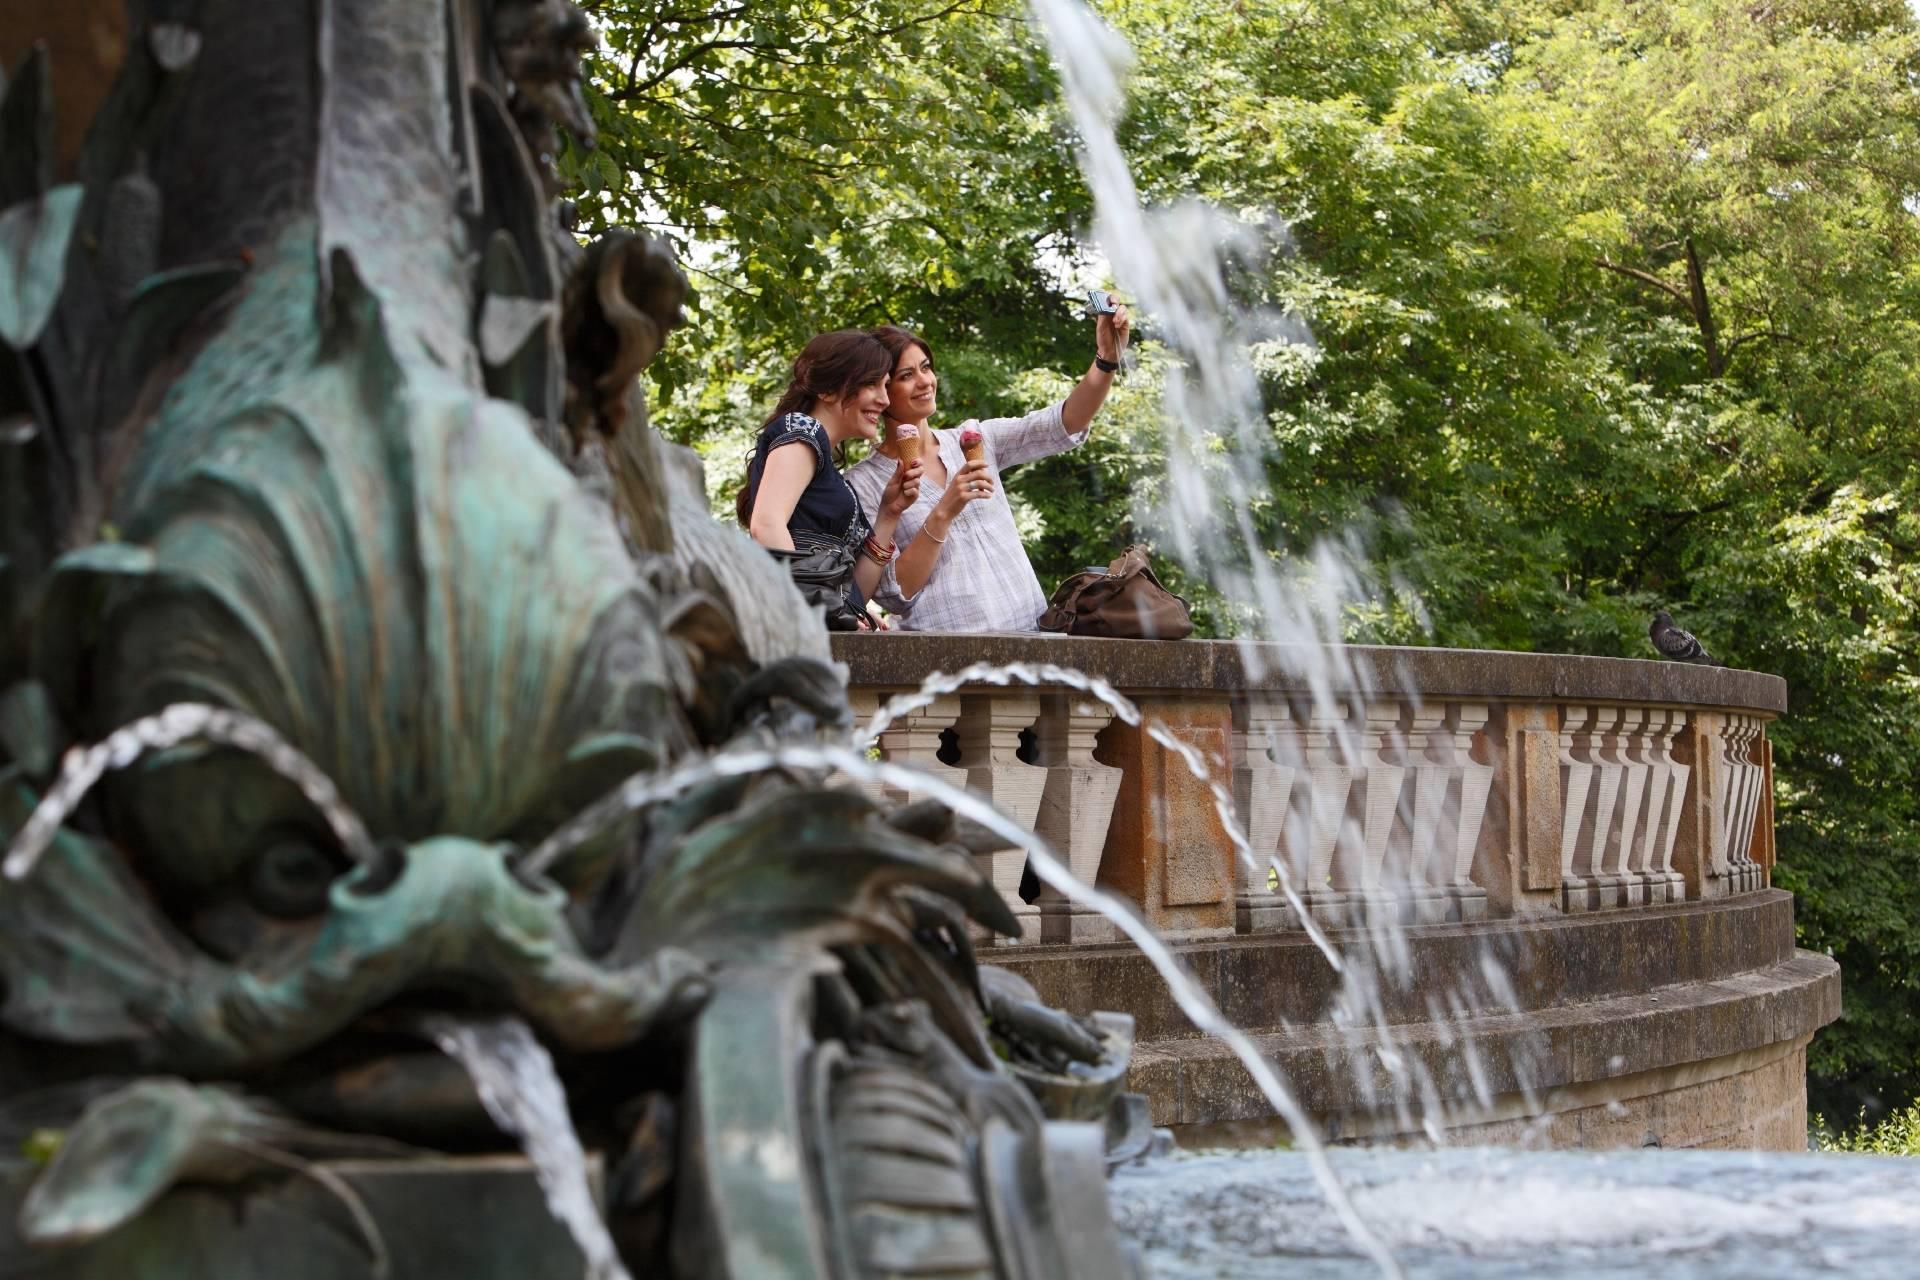 Galateabrunnen